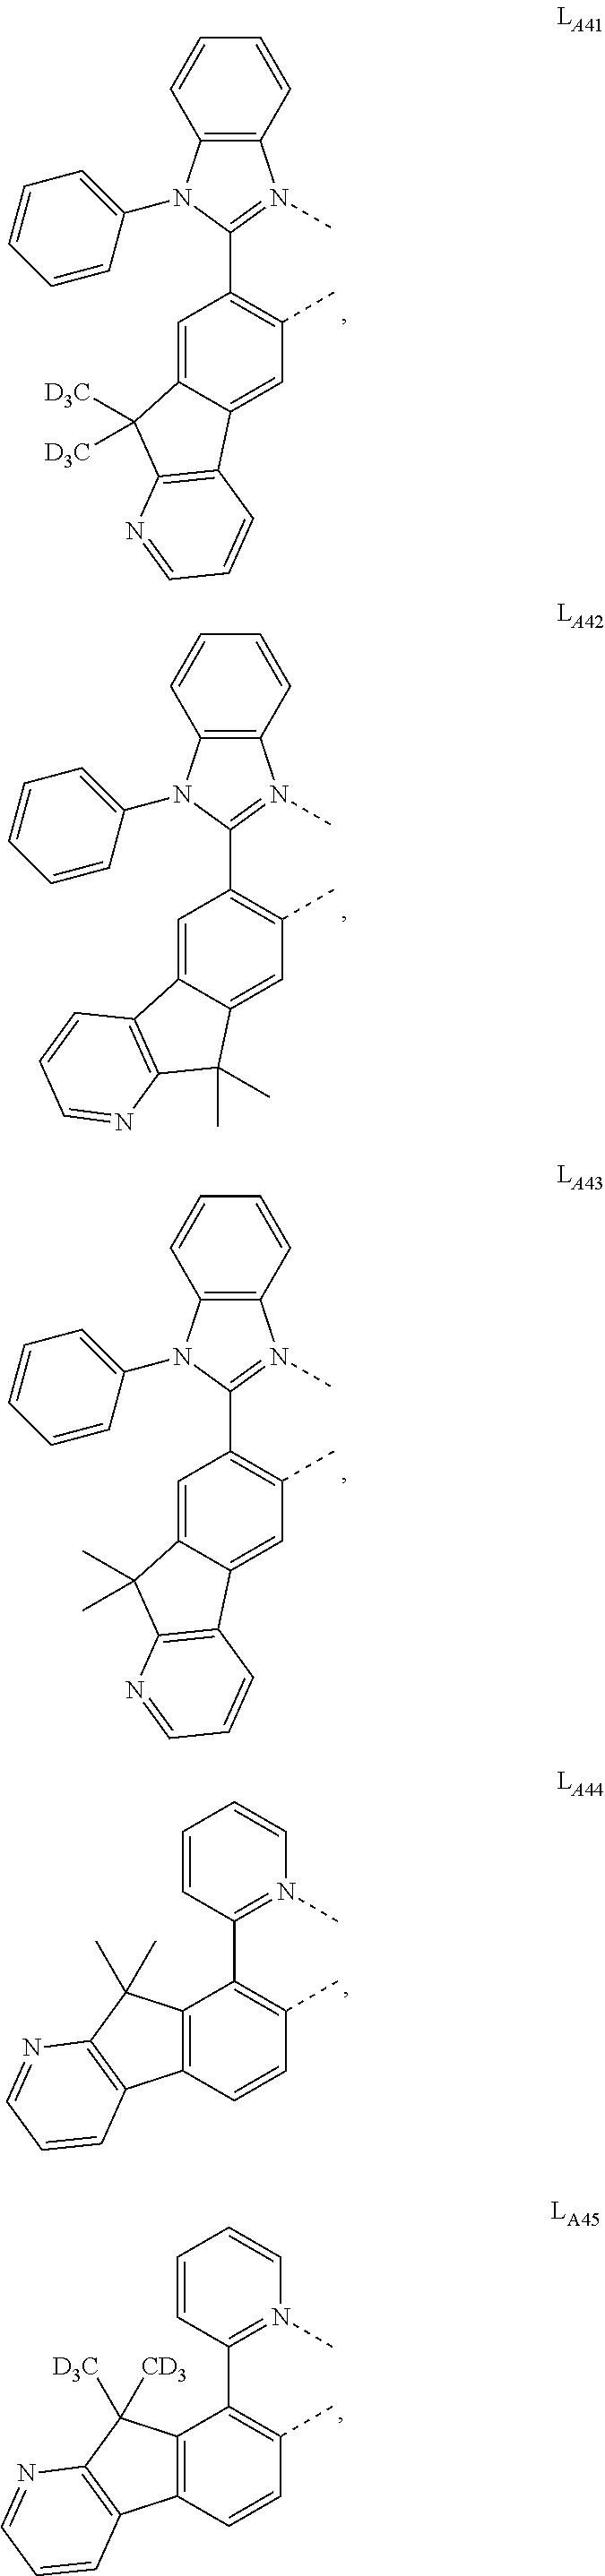 Figure US10003034-20180619-C00060